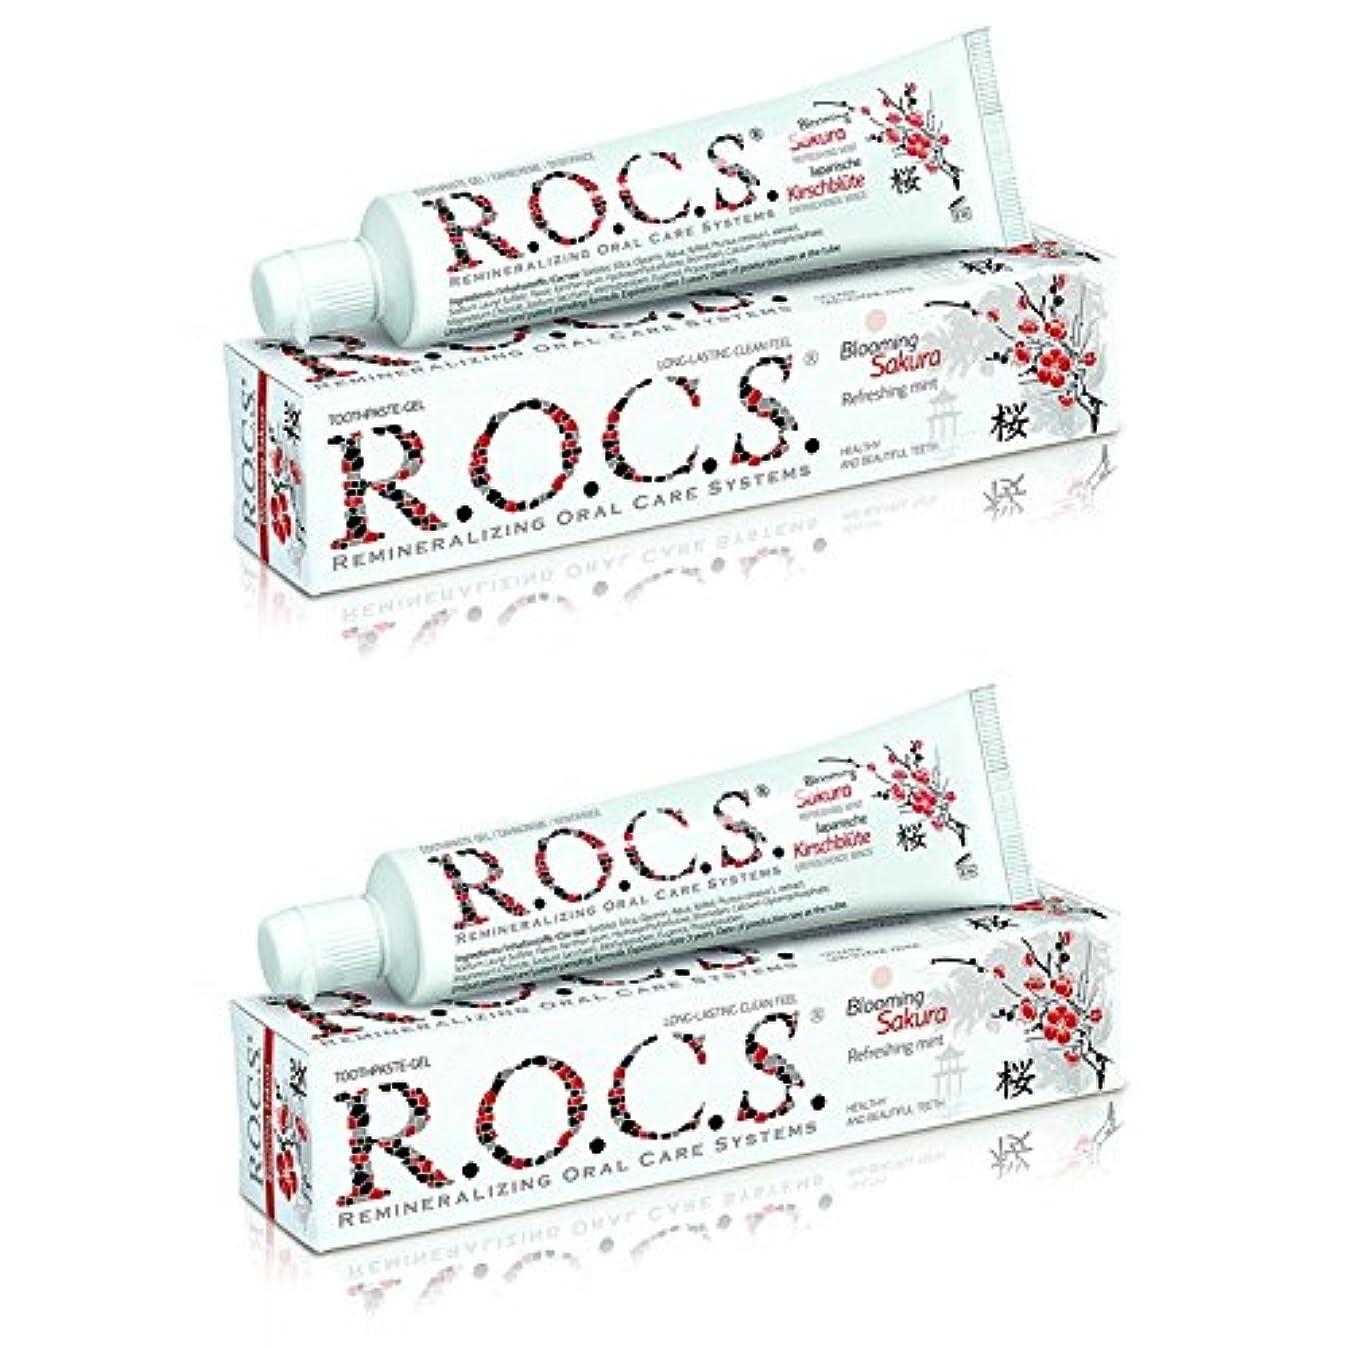 真剣に別にあいまいさR.O.C.S. ロックス 歯磨き粉 ブルーミング サクラ BS (2箱セット)